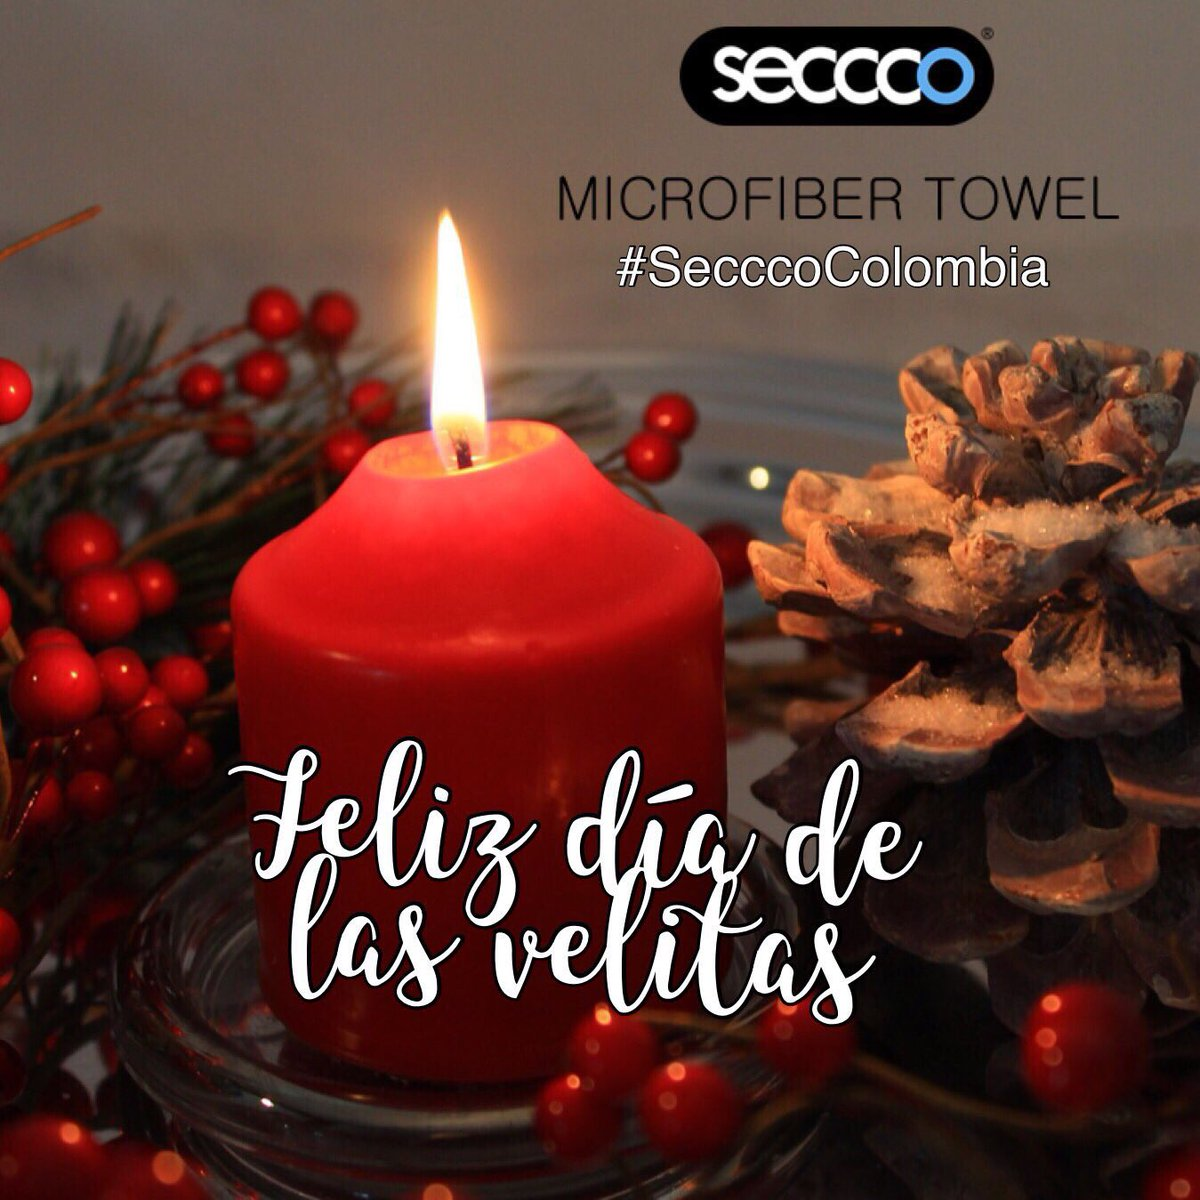 Una #velita encendida por cada #sueño #FelizDíaDeLasVelitas #Colombia  #SecccoColombia te acompaña  #FelizJueves https://t.co/AQ12vFz7Tj